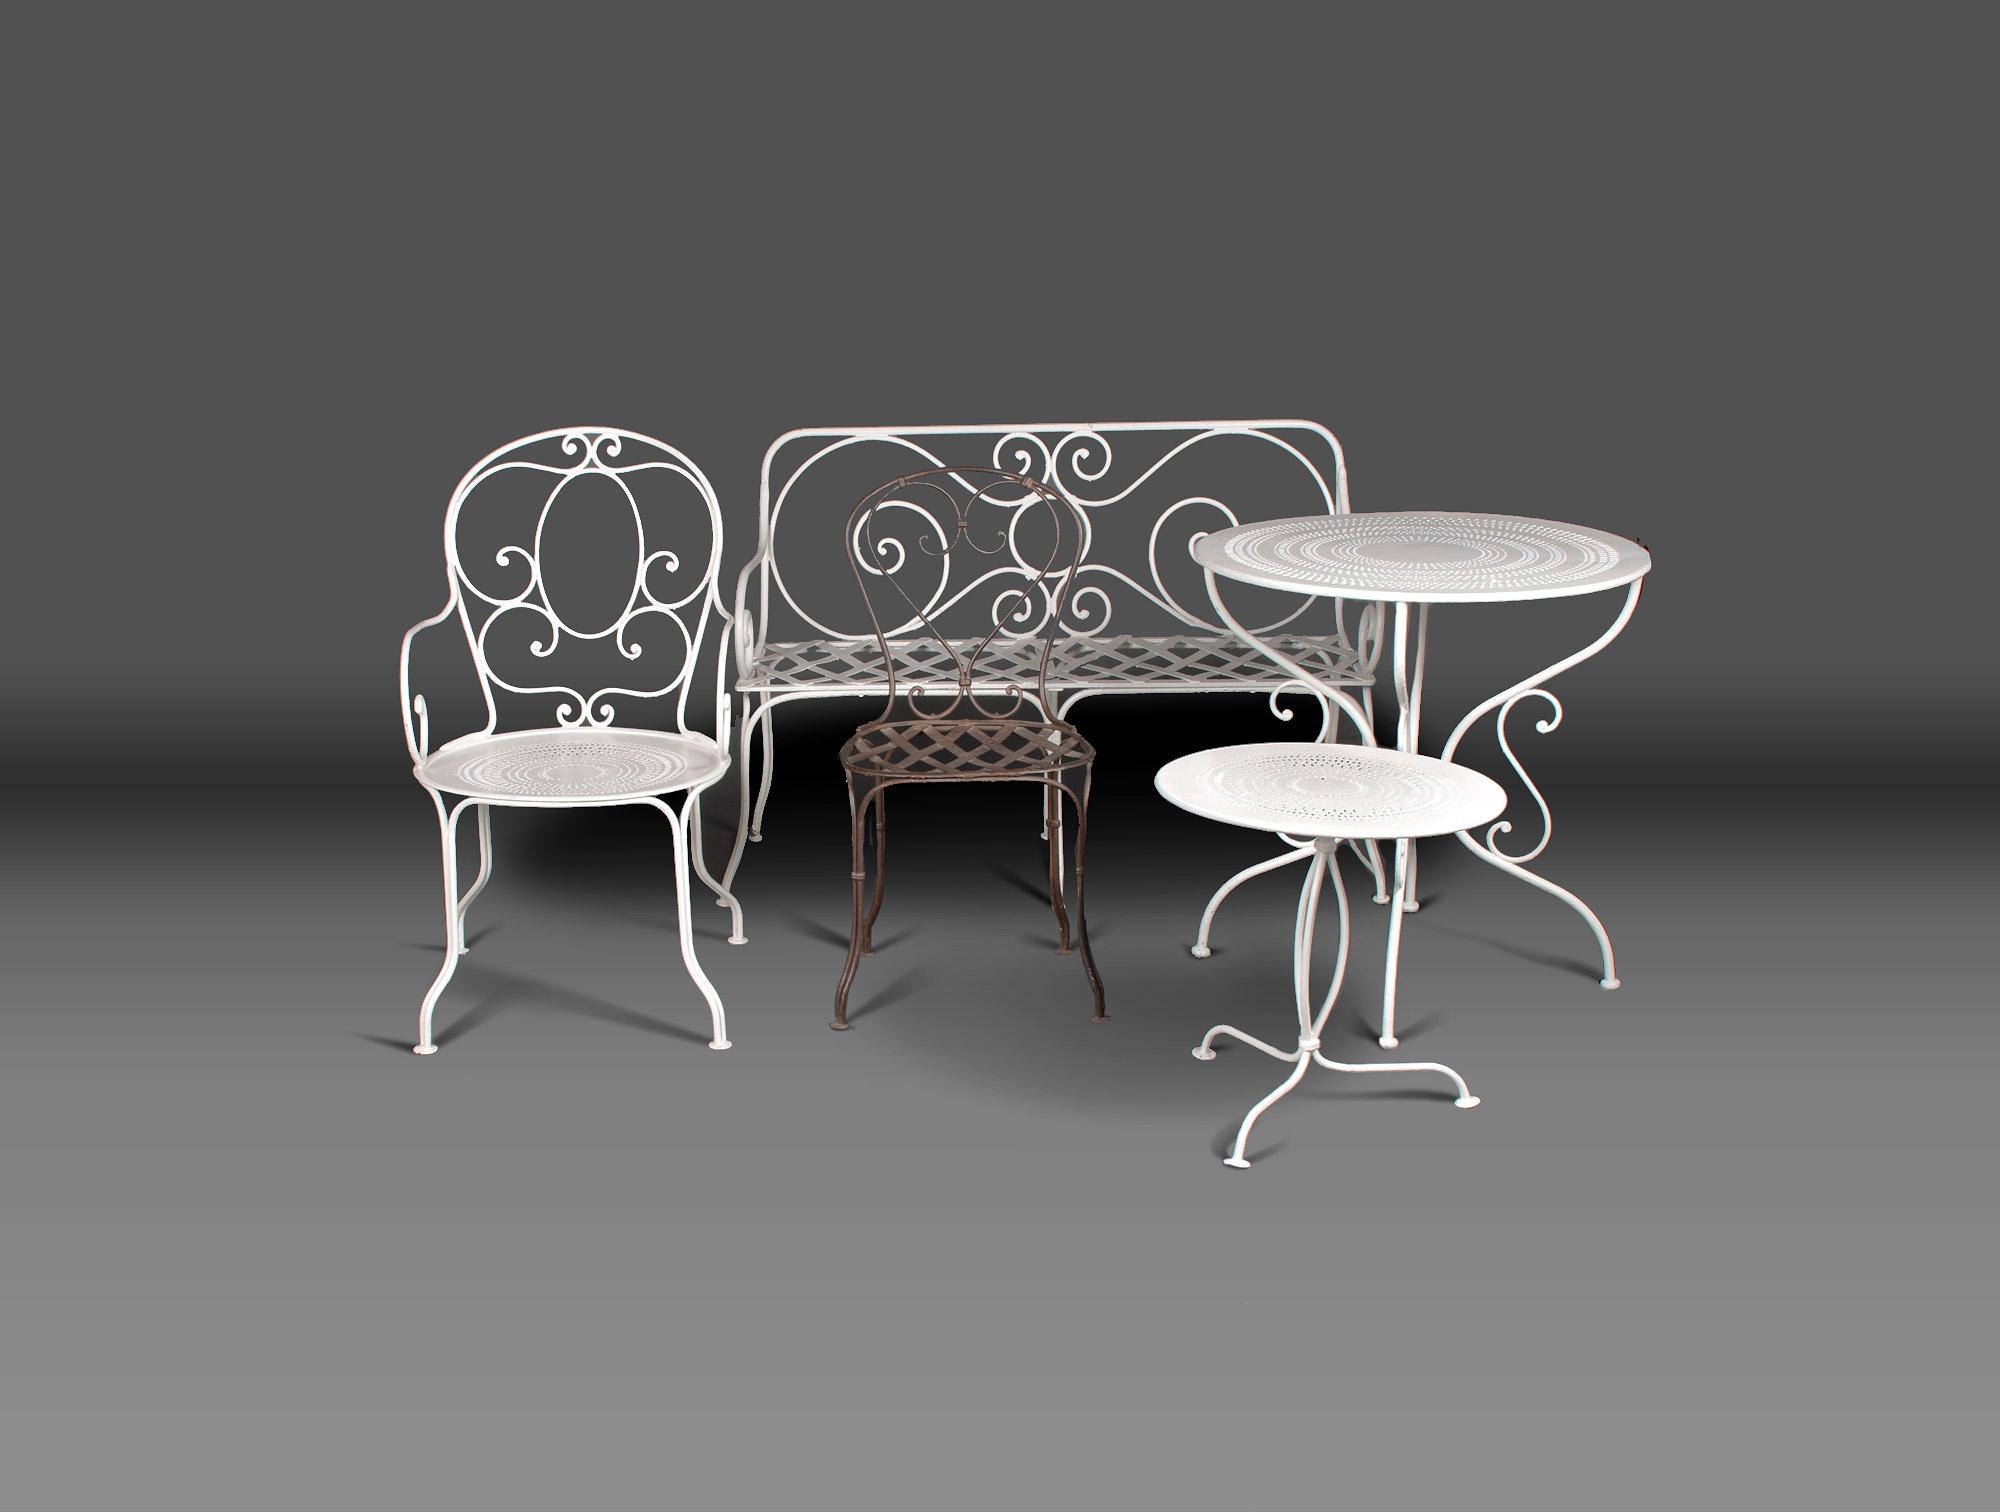 petite banquette de jardin soubrier louer mobiliers. Black Bedroom Furniture Sets. Home Design Ideas